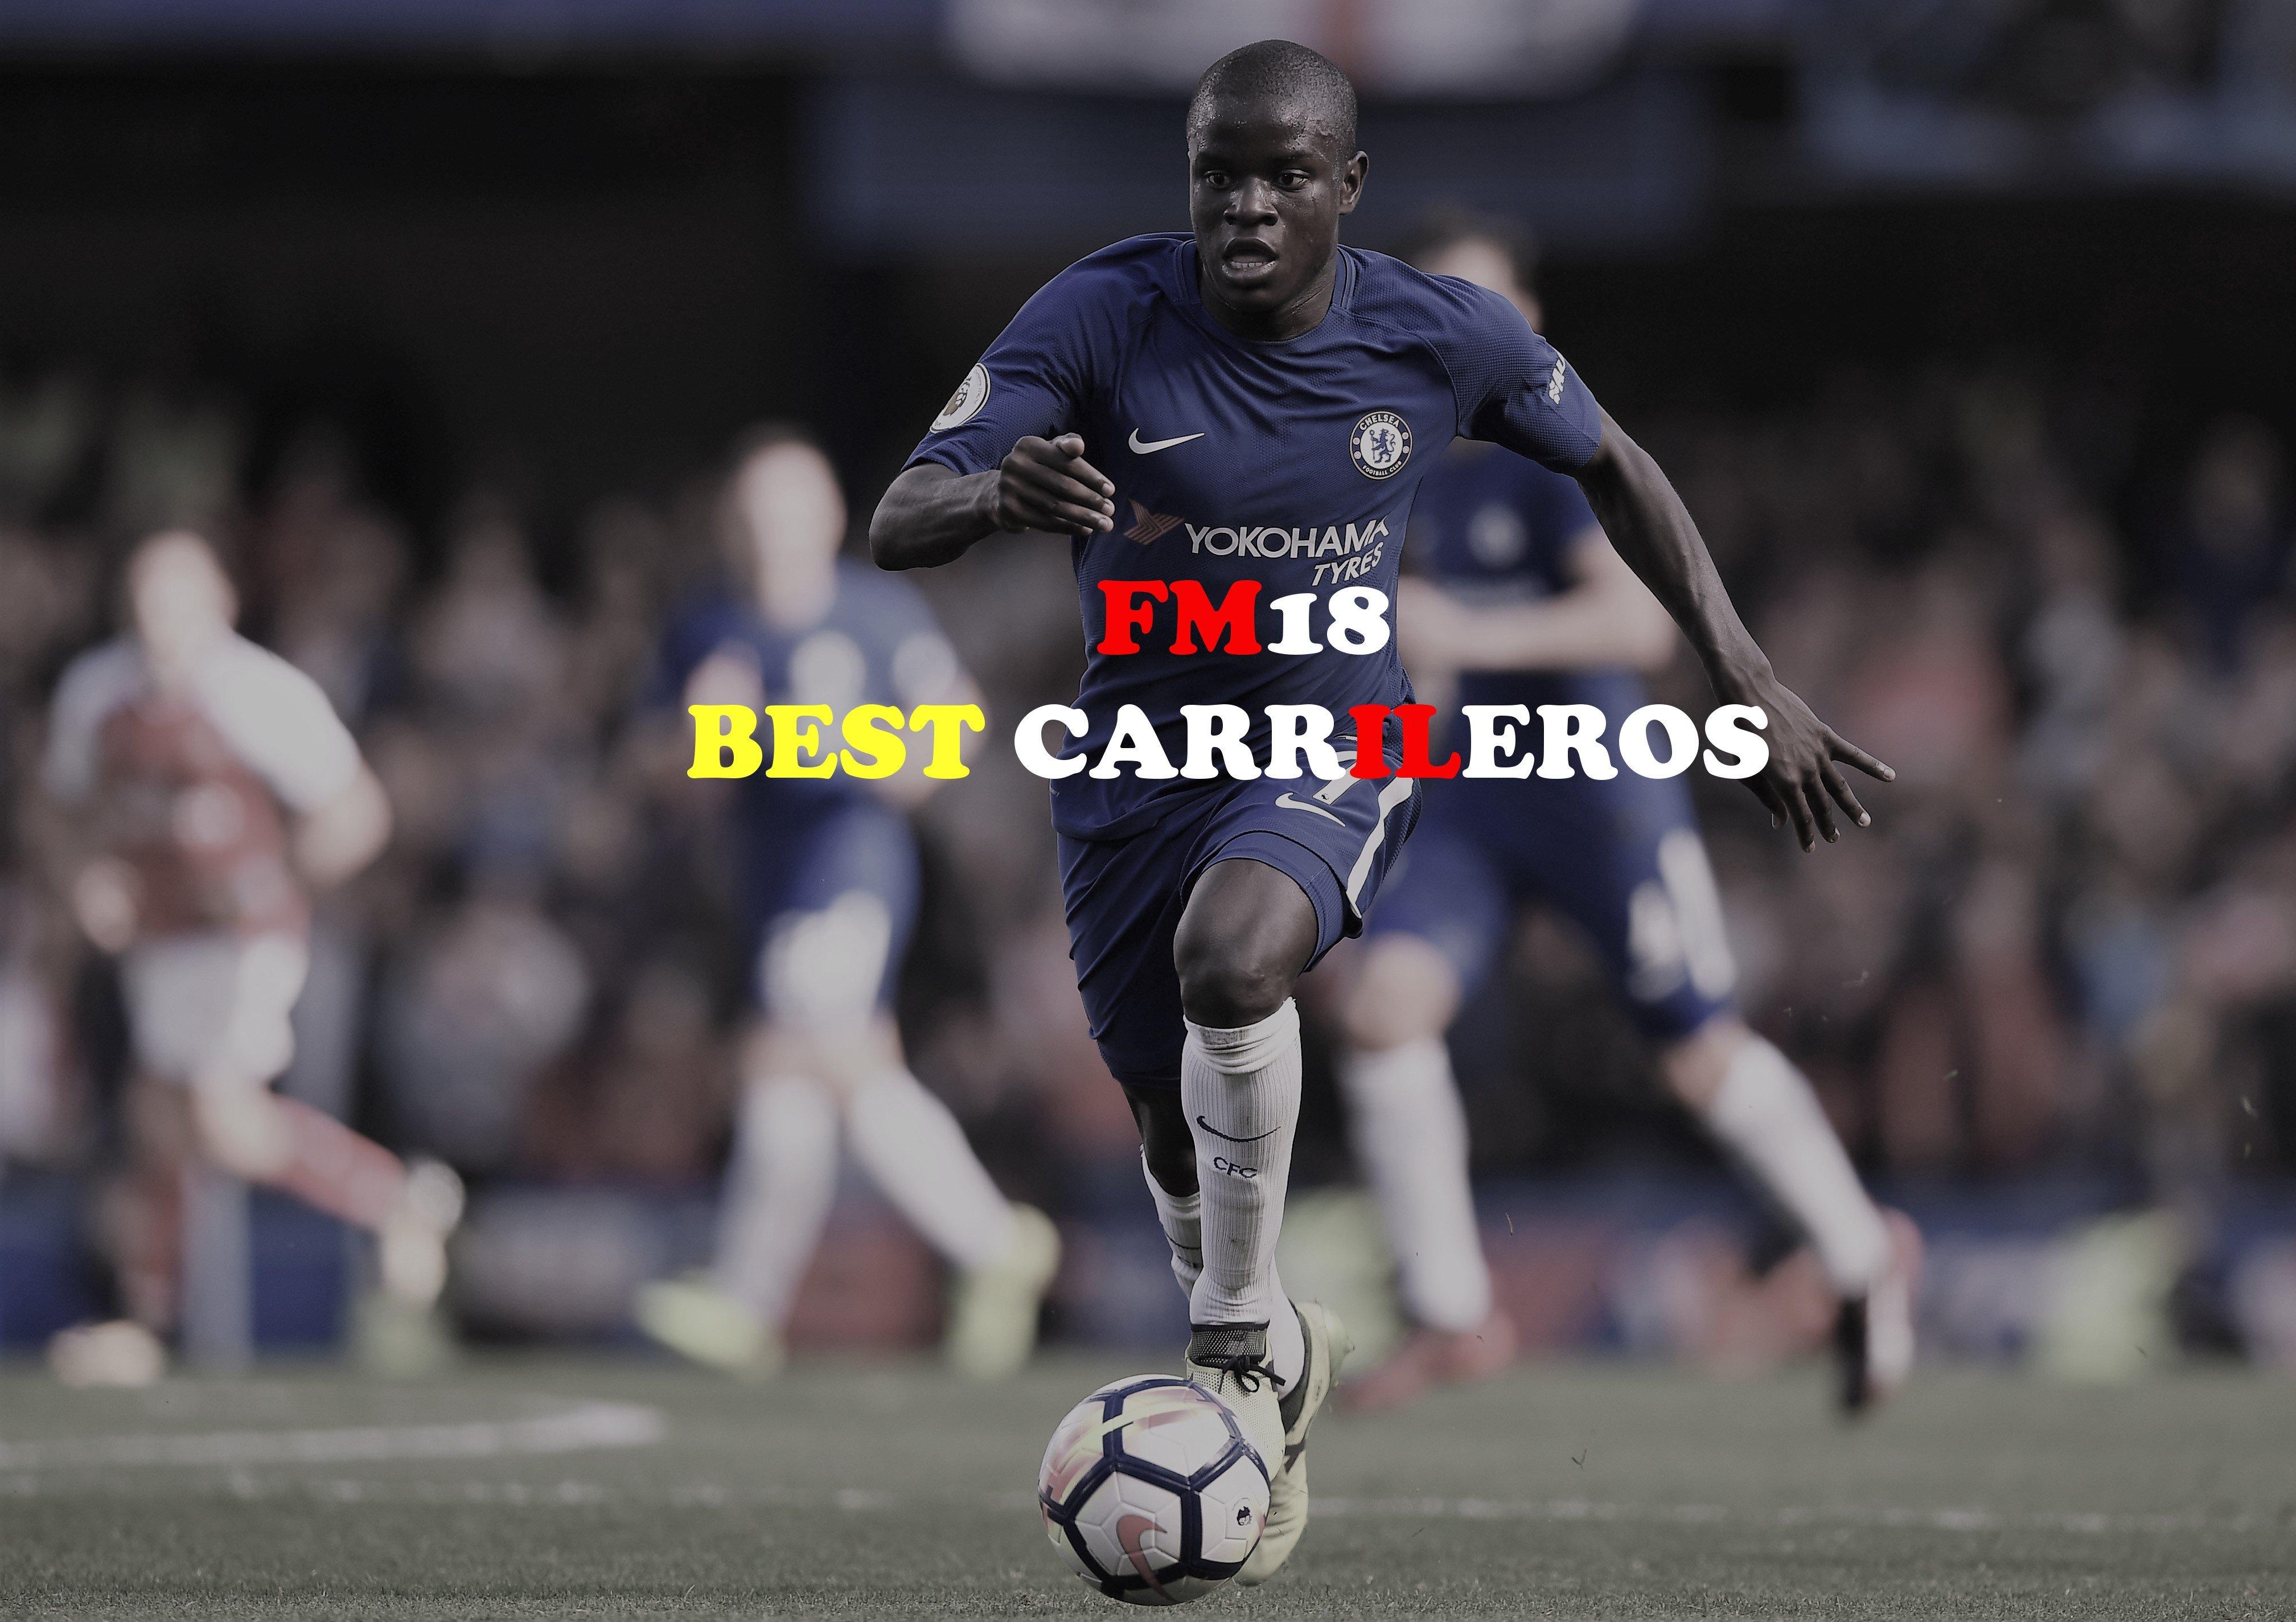 Best Carrileros in FM18